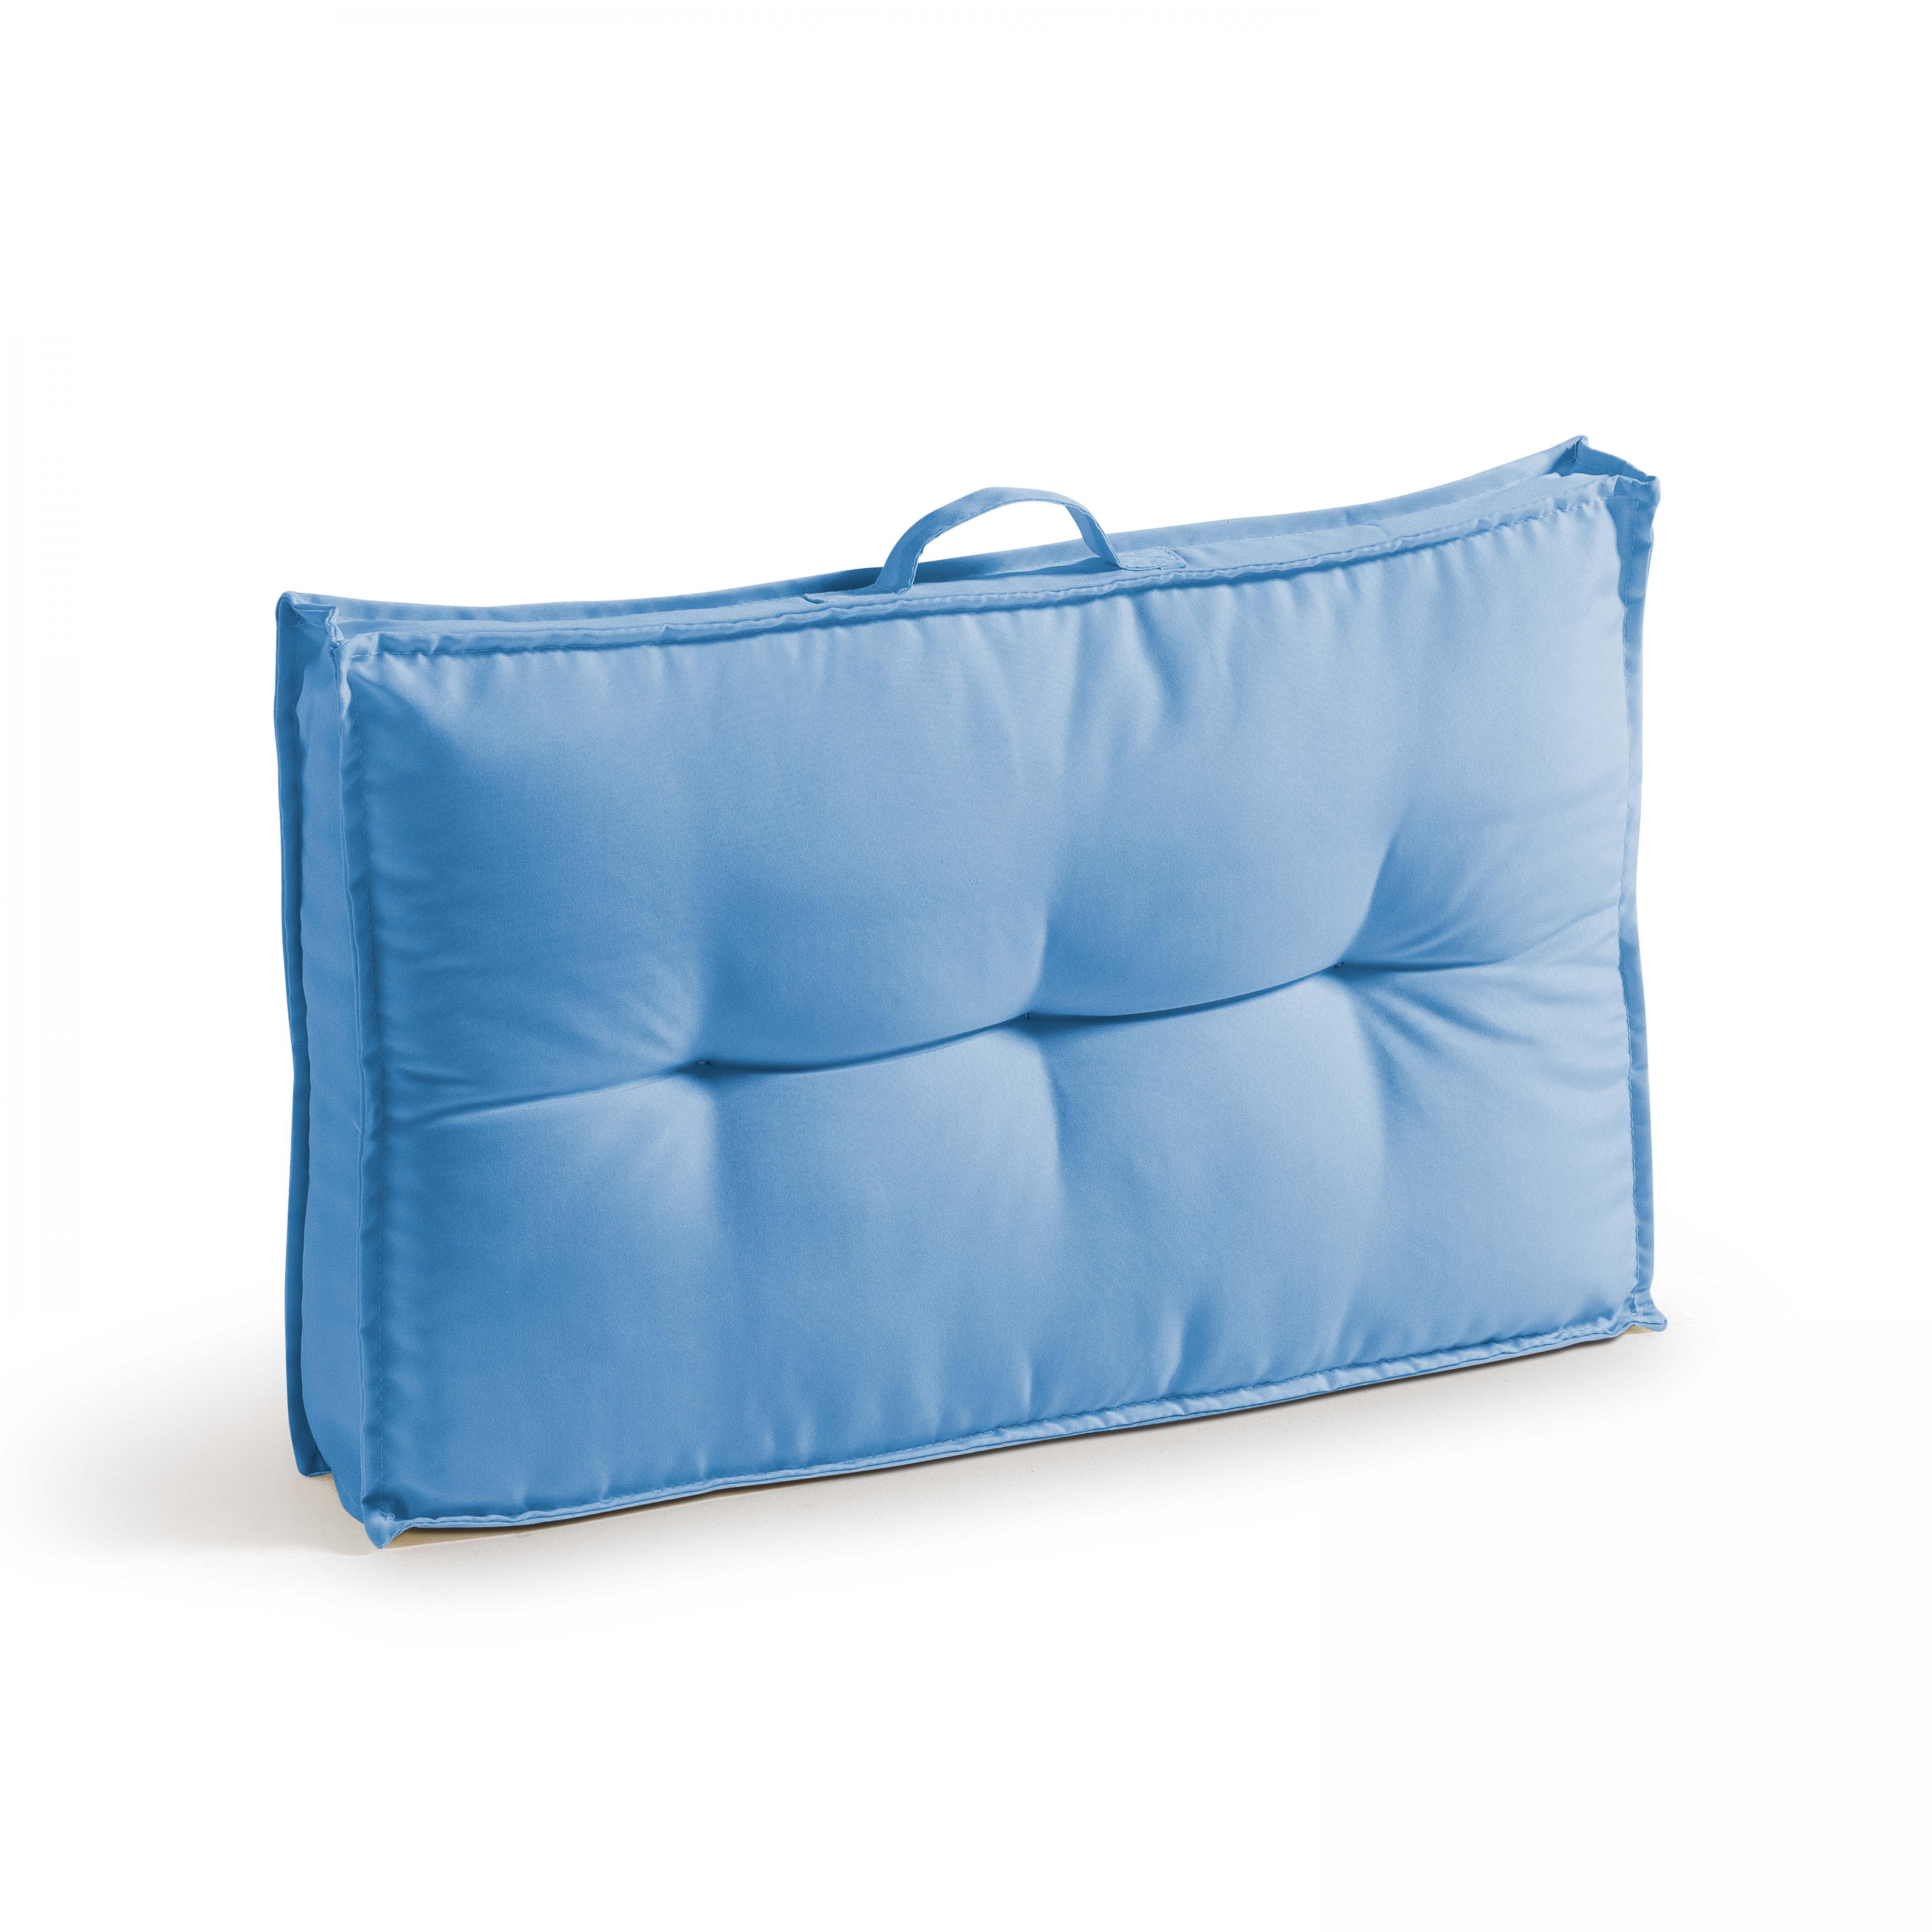 Coussin d'extérieur matelassé bleu 60x40